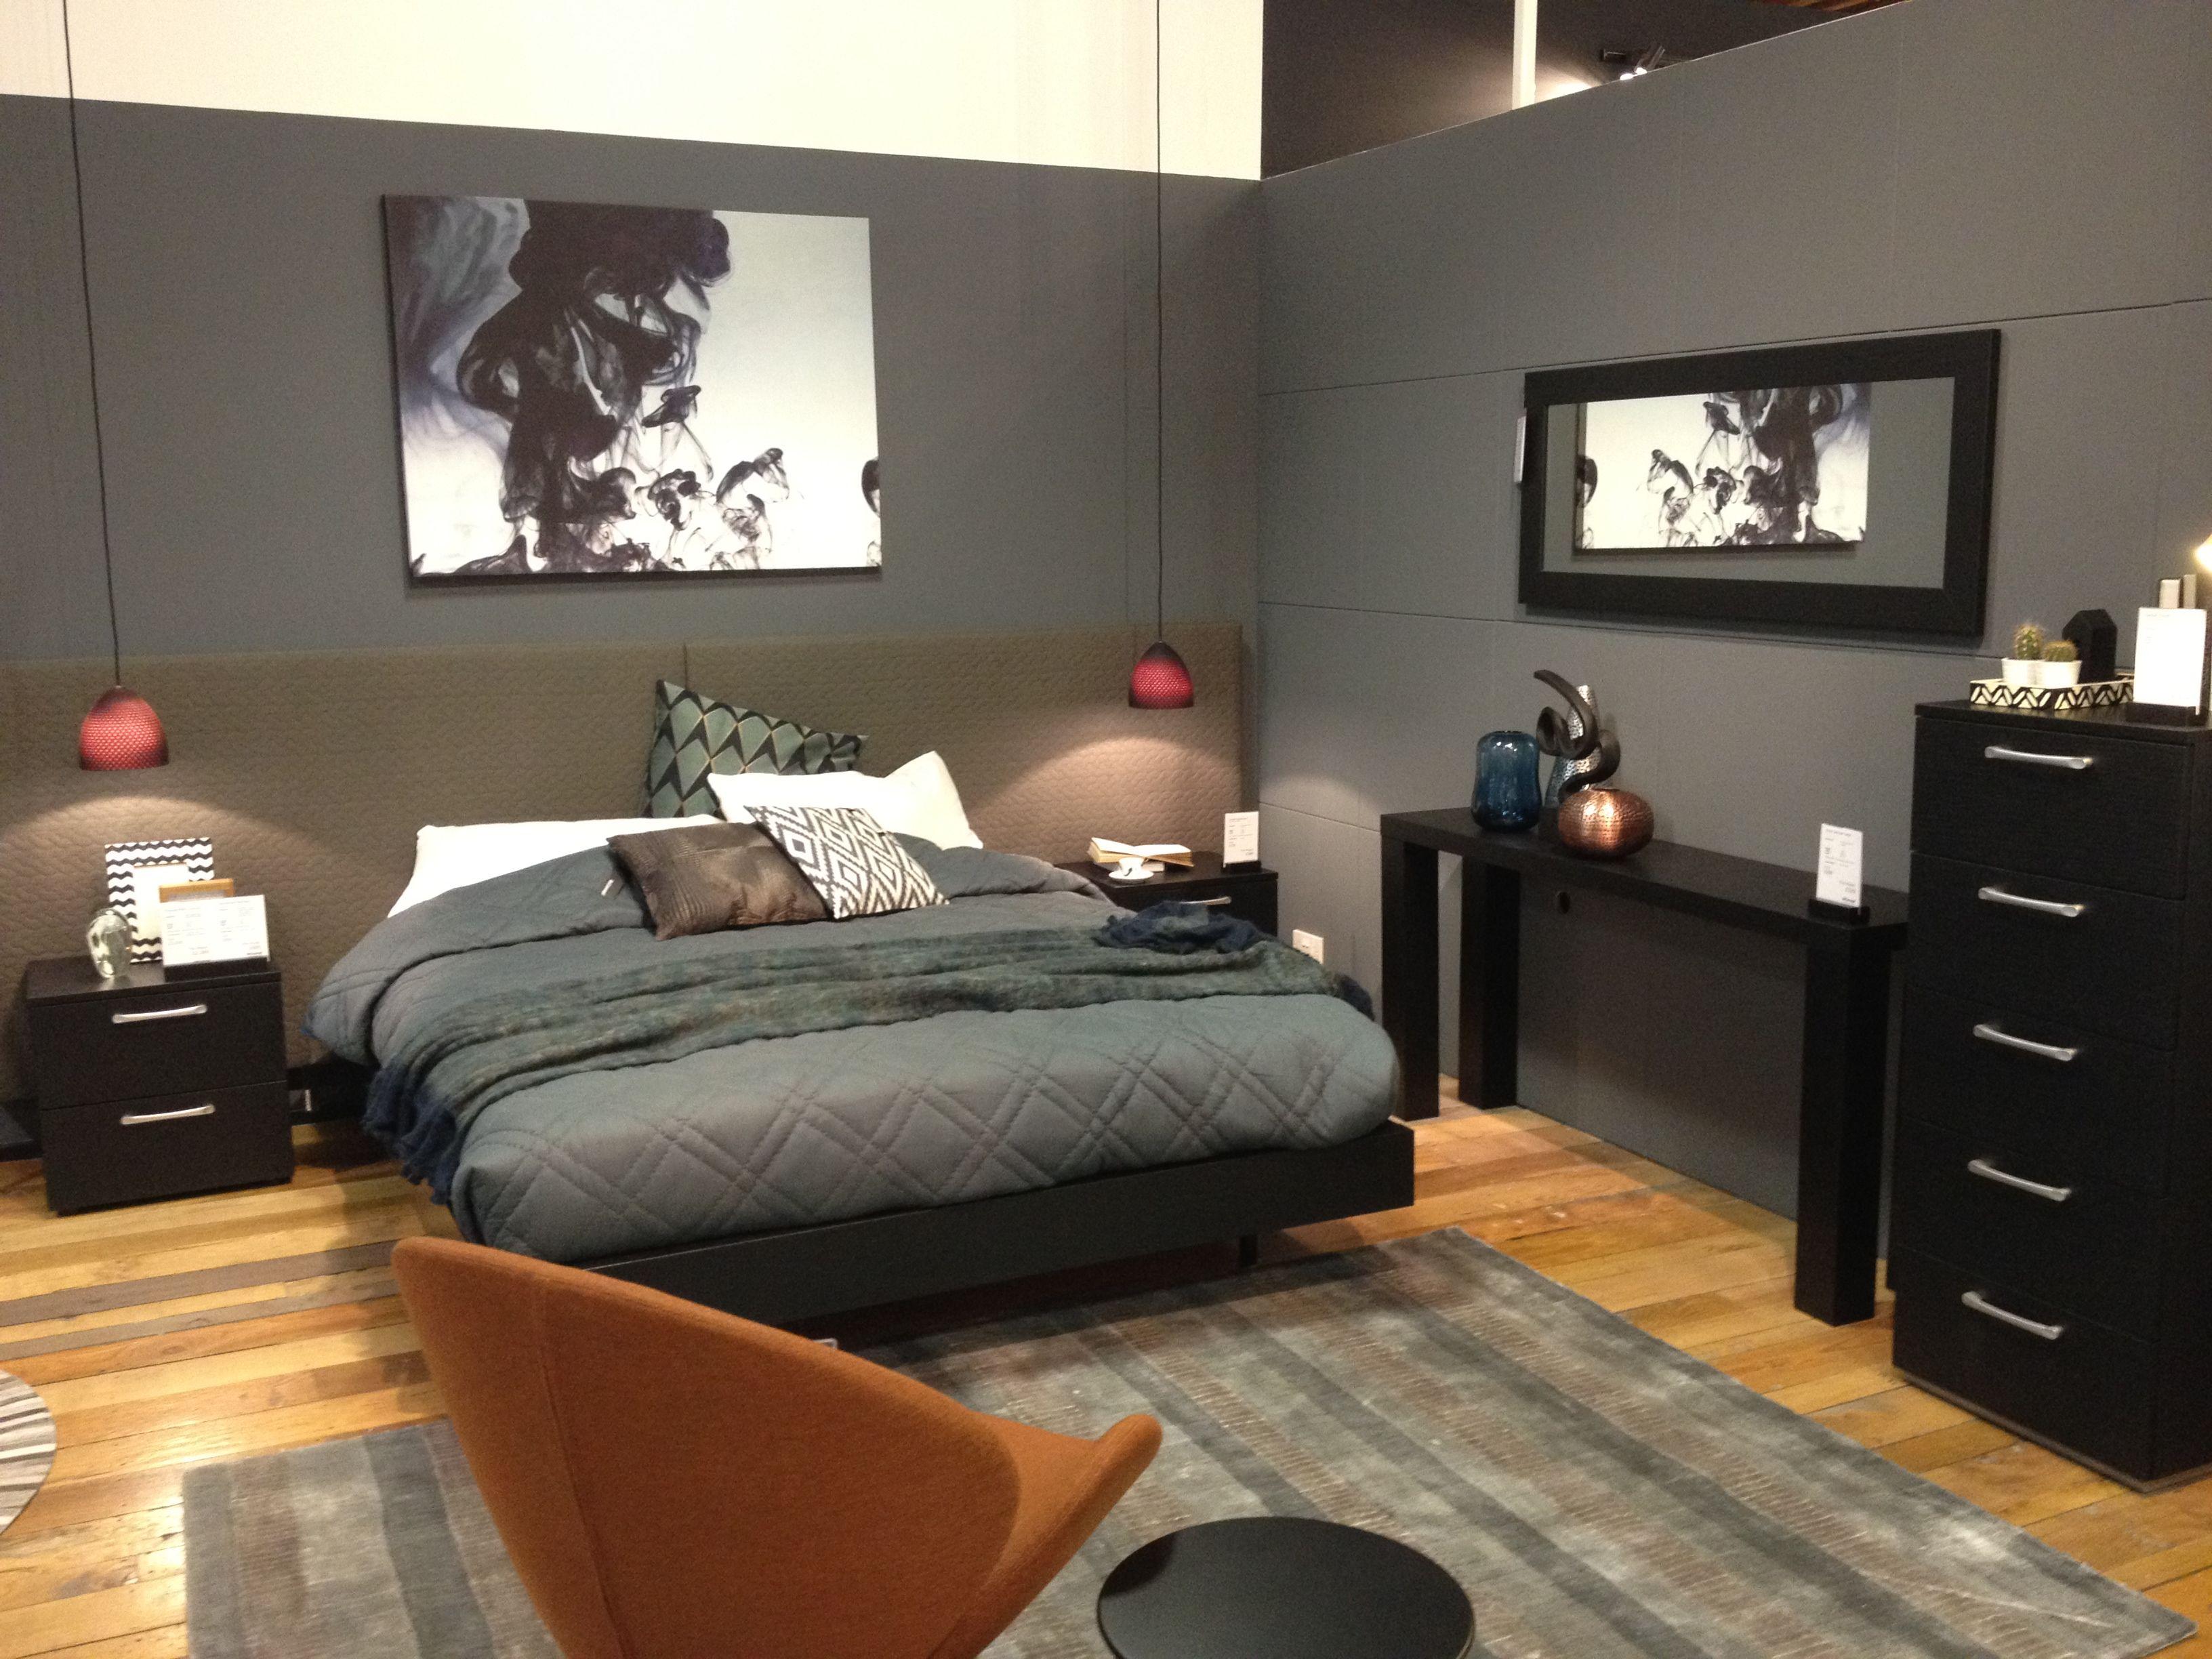 Medium Of Gray Bedroom Furniture